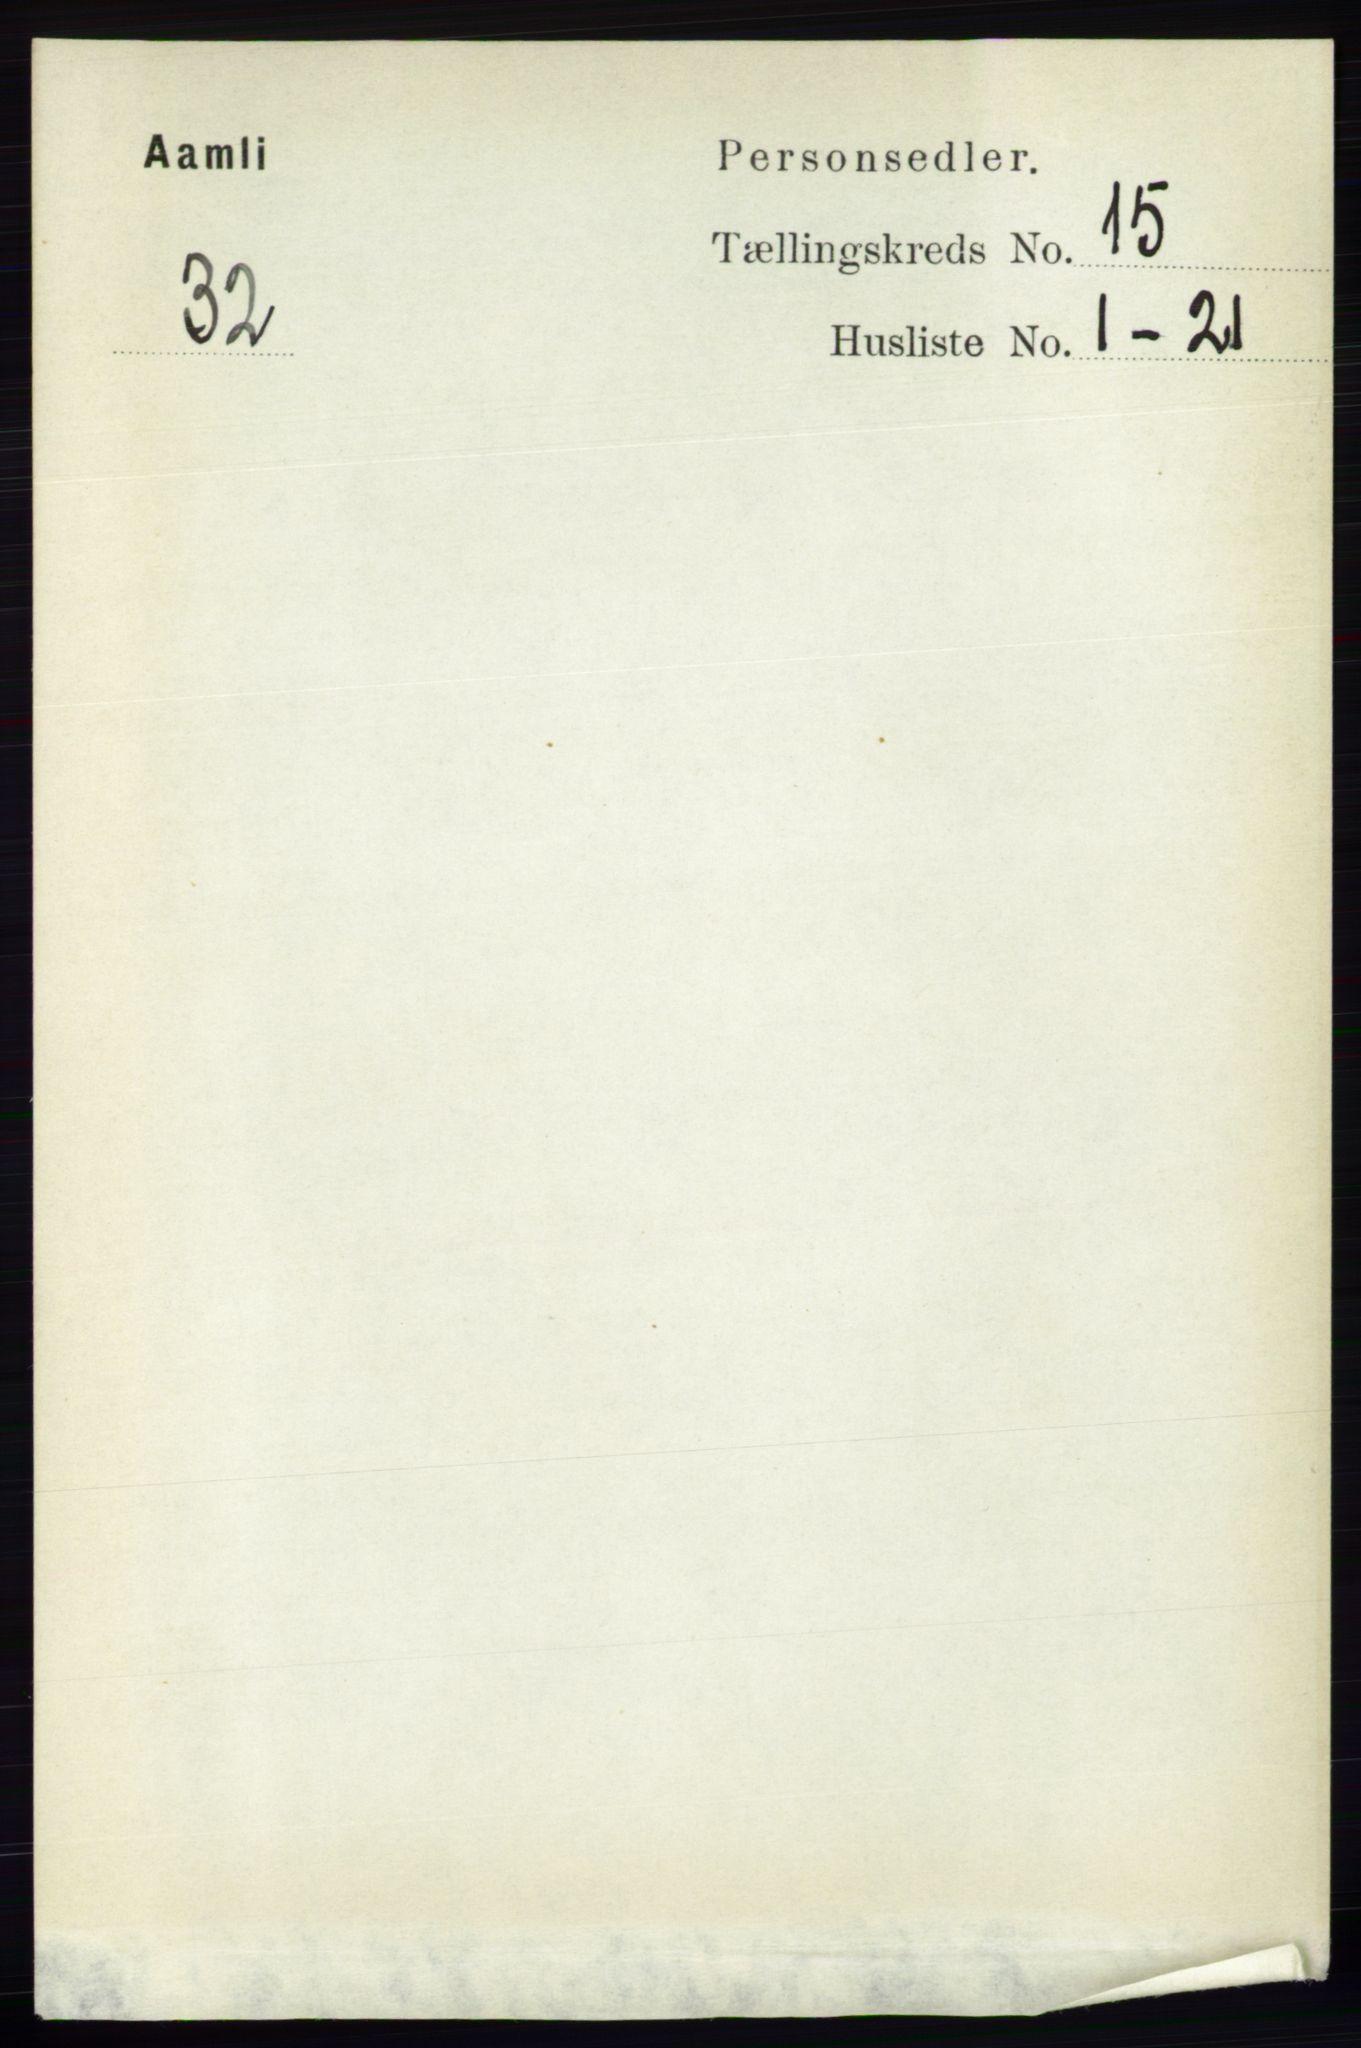 RA, Folketelling 1891 for 0929 Åmli herred, 1891, s. 2542